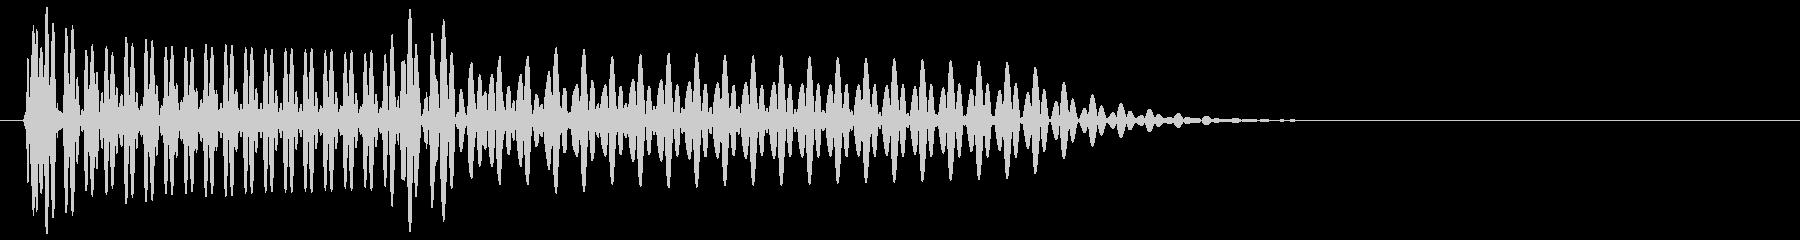 ピコッ(クリック音・アプリ・キャンセル)の未再生の波形